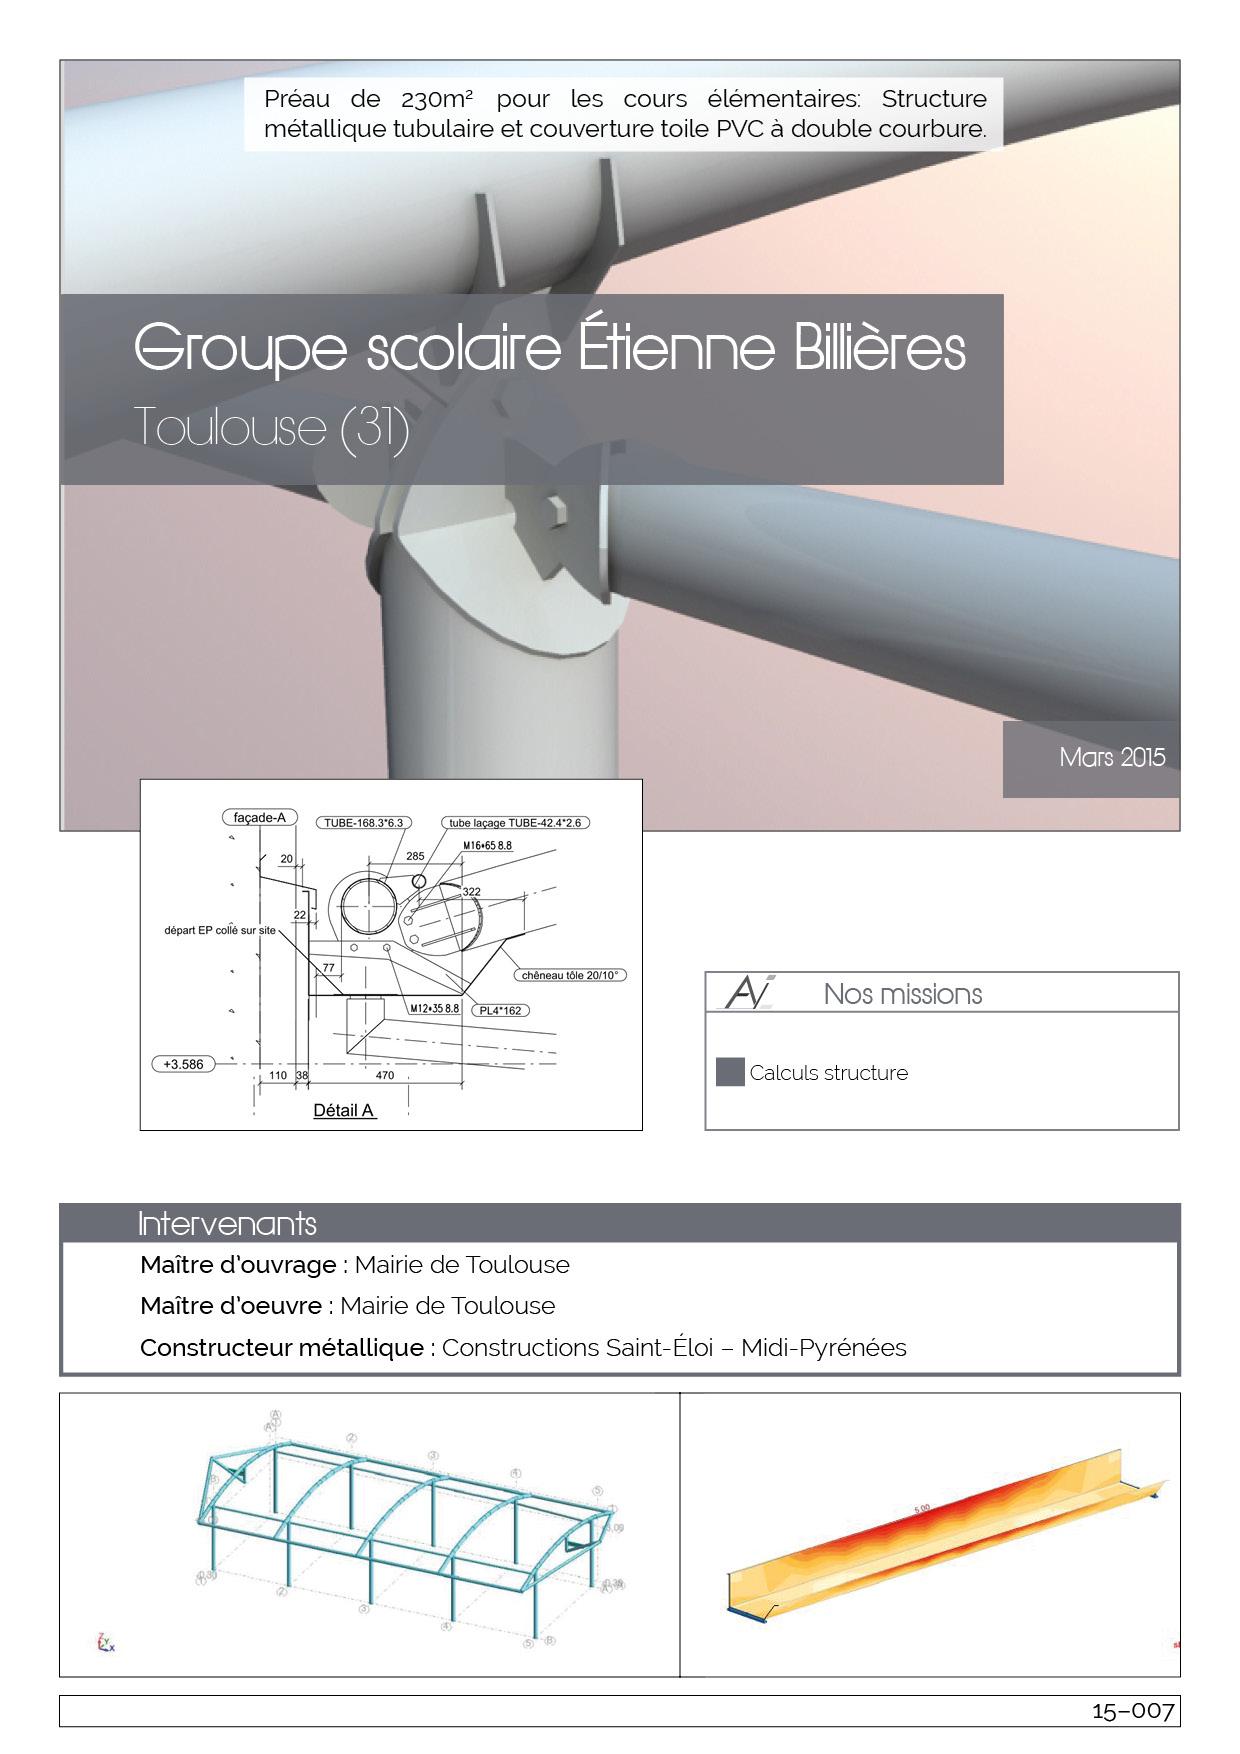 15-007 Groupe scolaire Etienne Billières